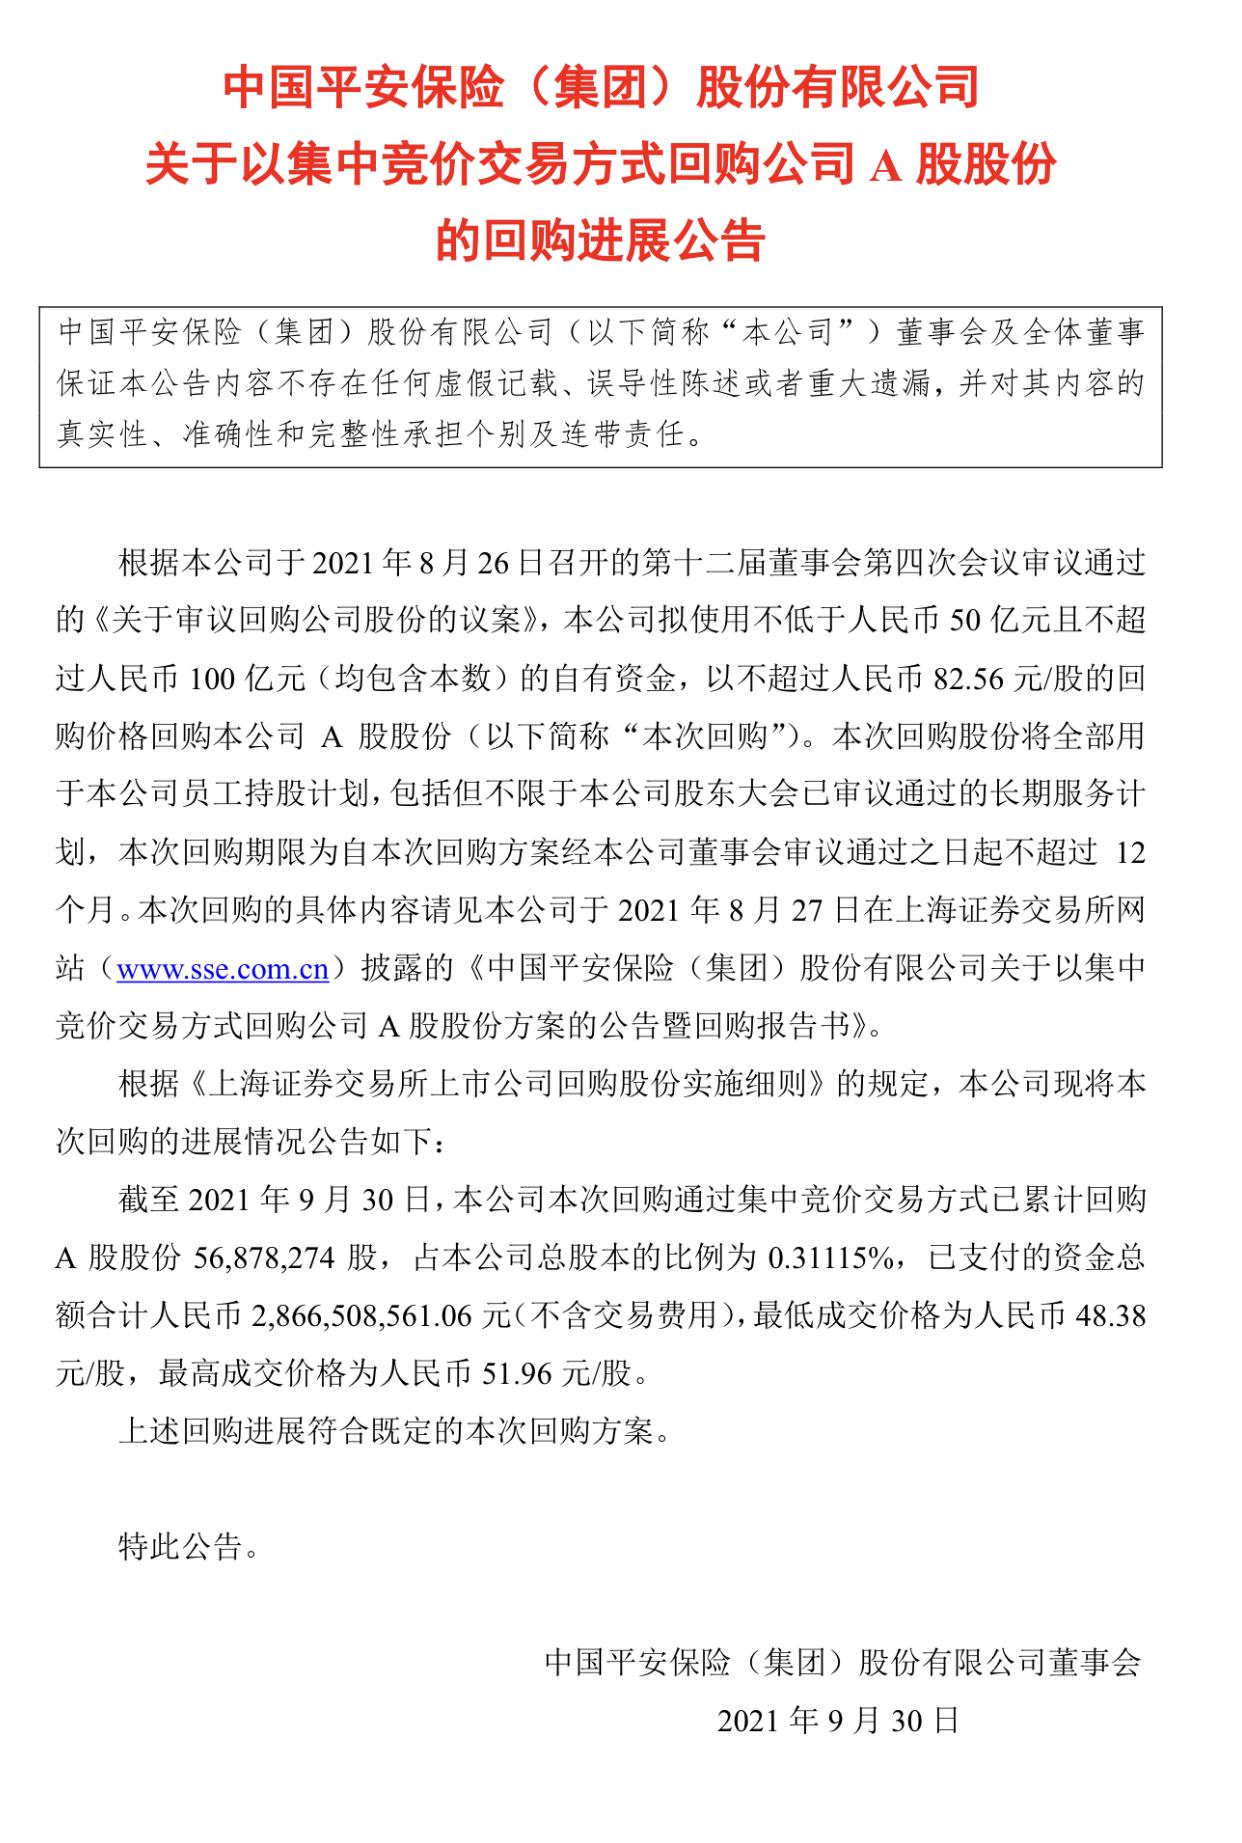 中国平安:已累计耗资28.67亿元回购股份